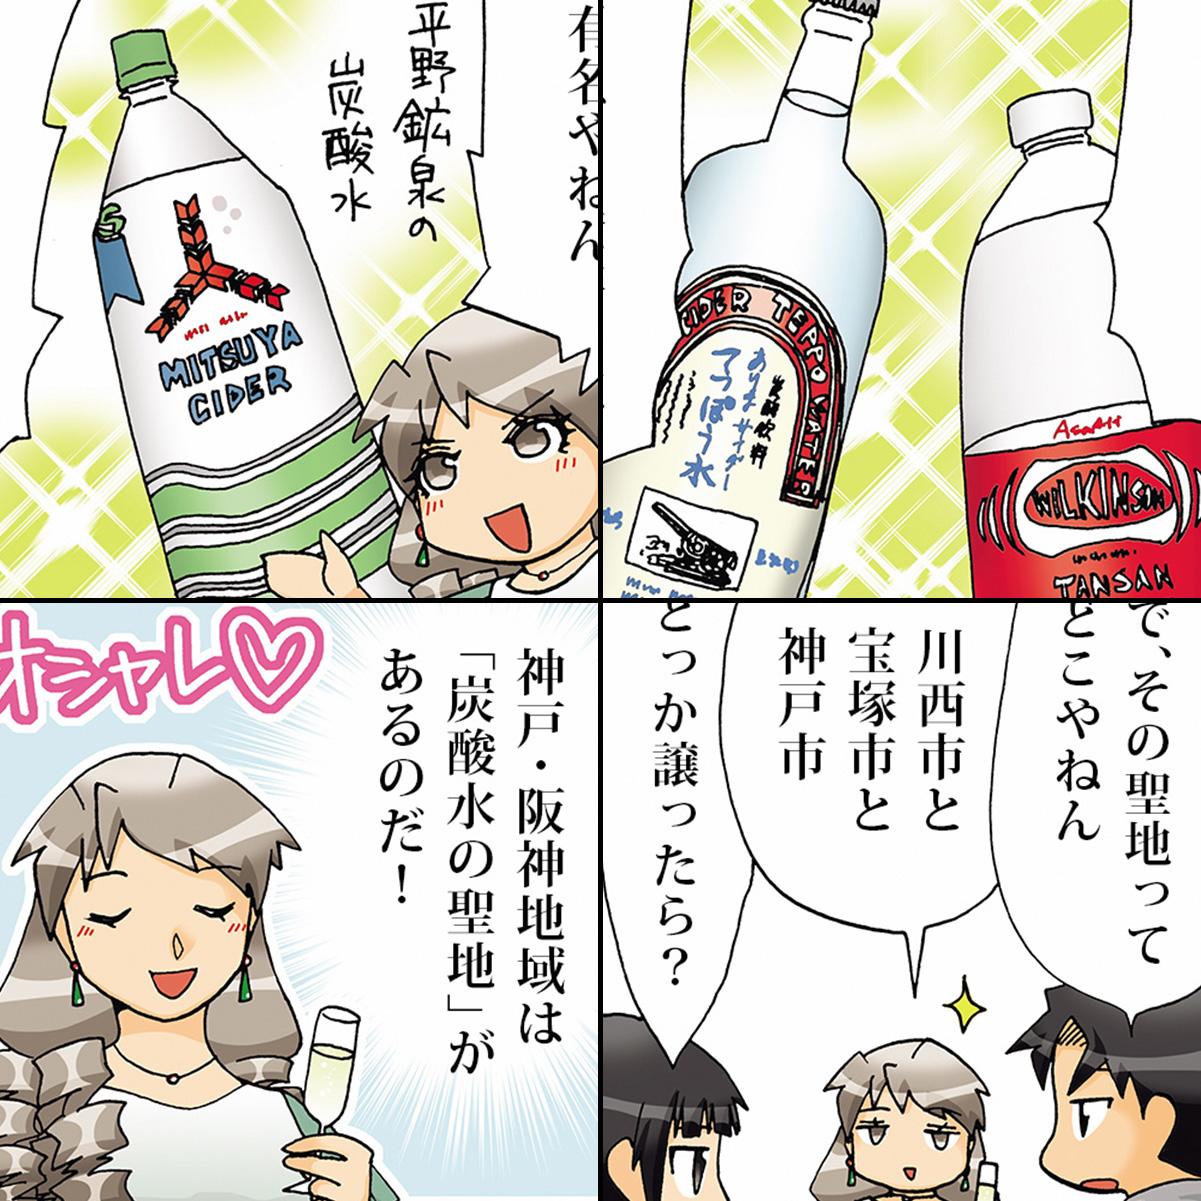 神戸・阪神地域は「炭酸水の聖地」があるのだ!